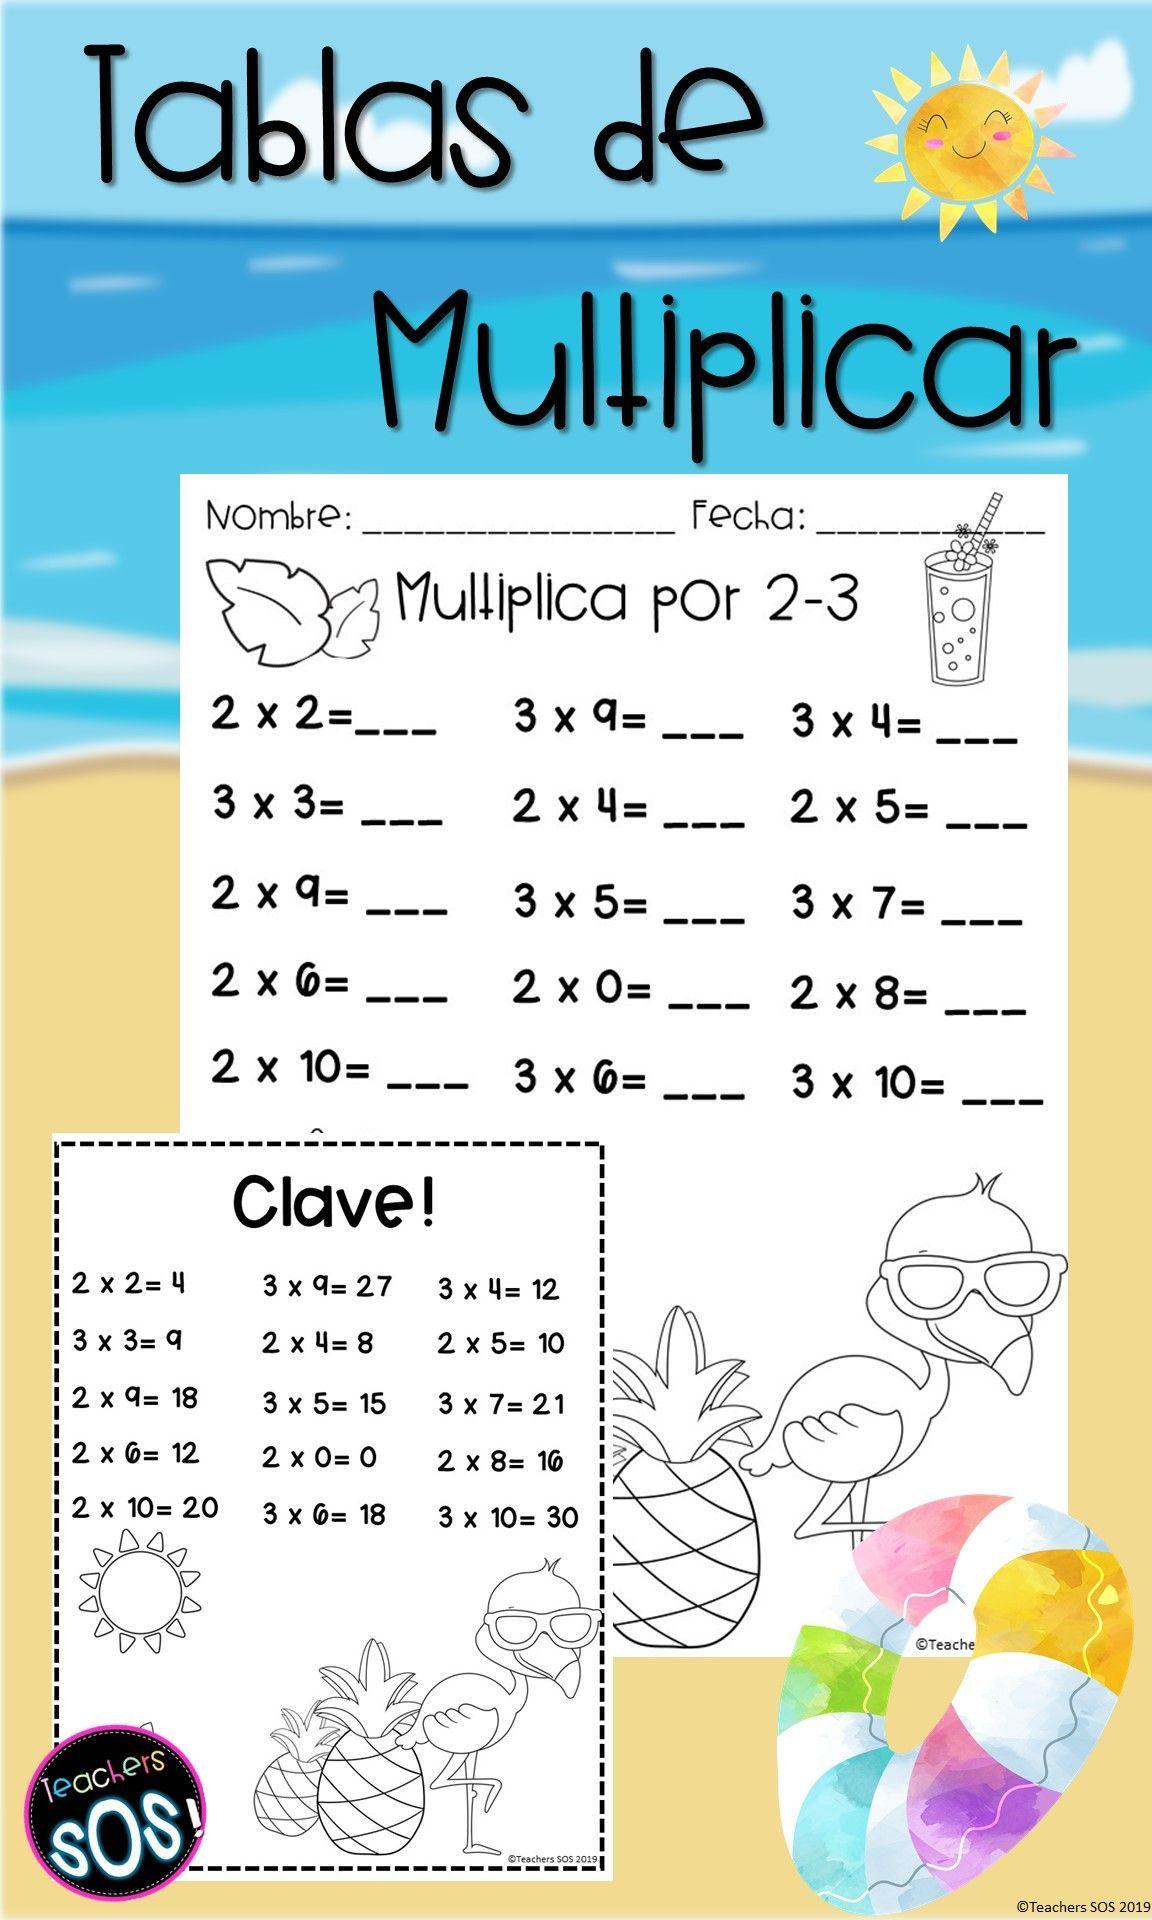 Aprendiendo Las Tablas De Multiplicar Utiliza Estas Hojas De Ejercicios De Practica Words Word Search Puzzle Teacherspayteachers